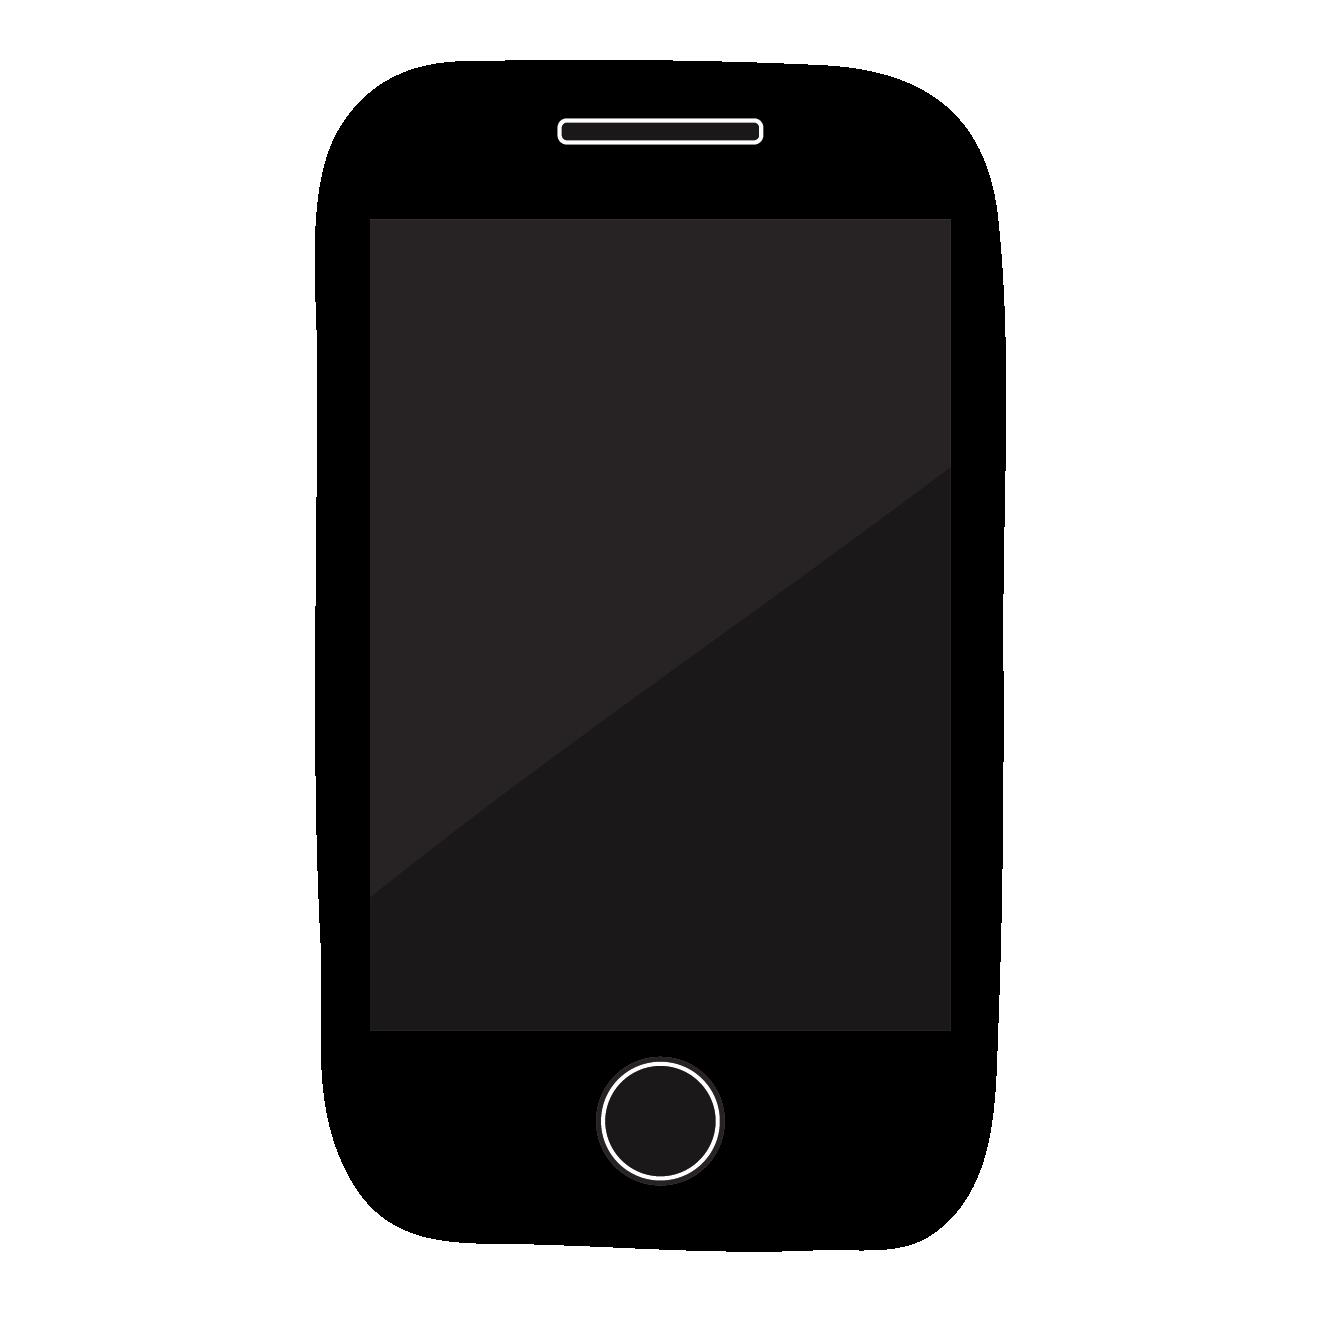 スマートフォン/携帯電話(黒・ブラック)のイラスト | 商用フリー(無料